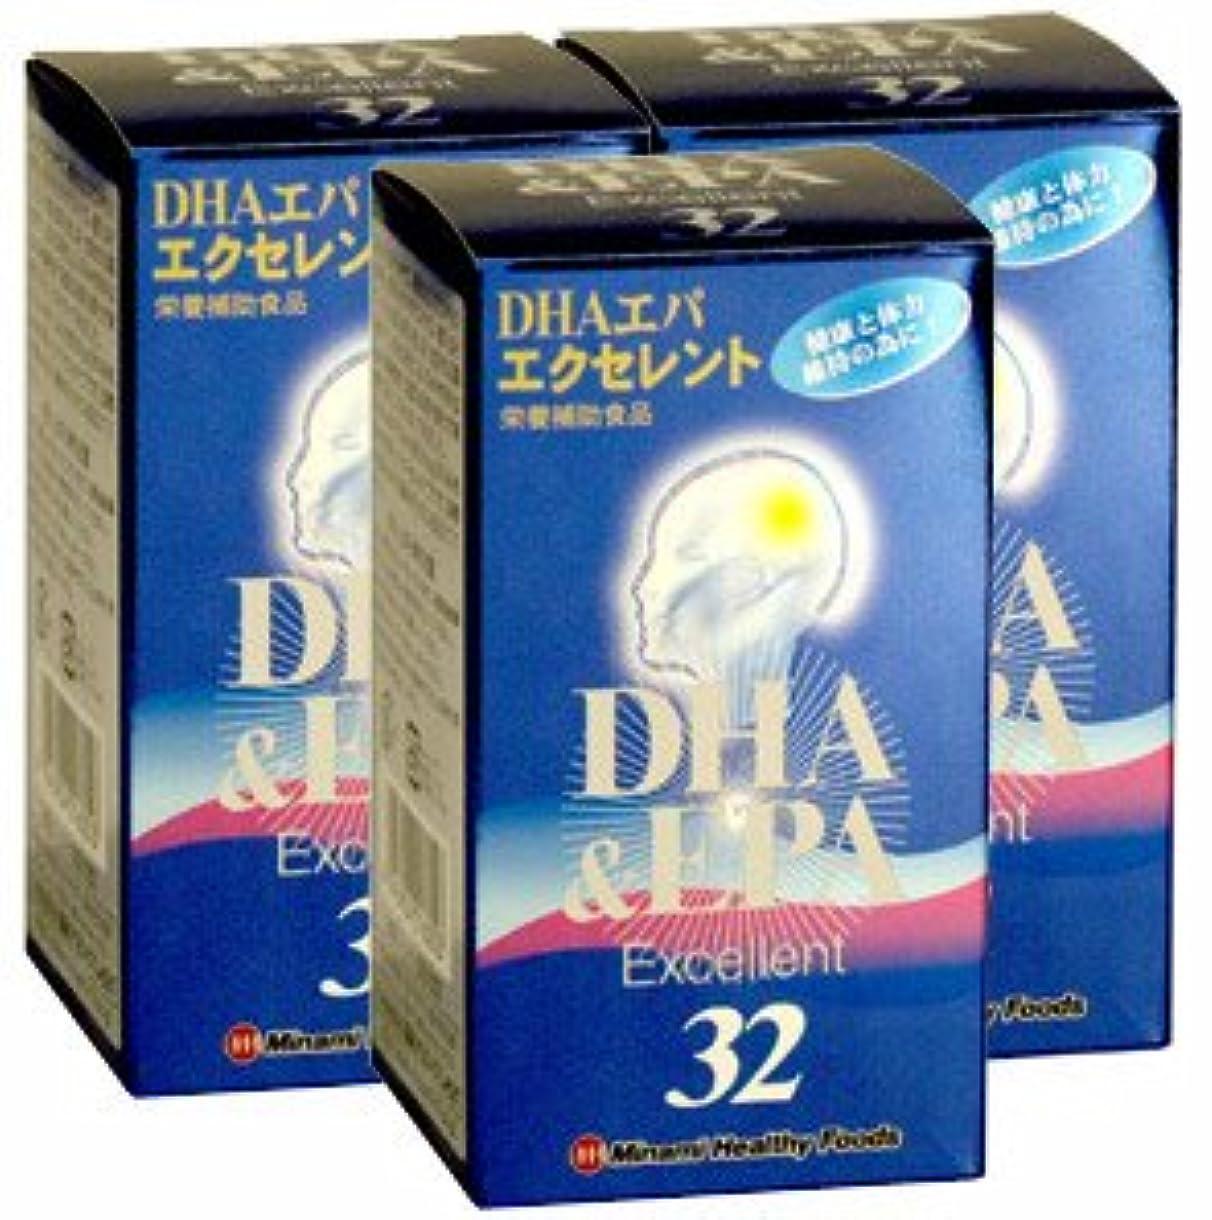 描写ルネッサンス精算DHAエパエクセレント32【3本セット】ミナミヘルシーフーズ